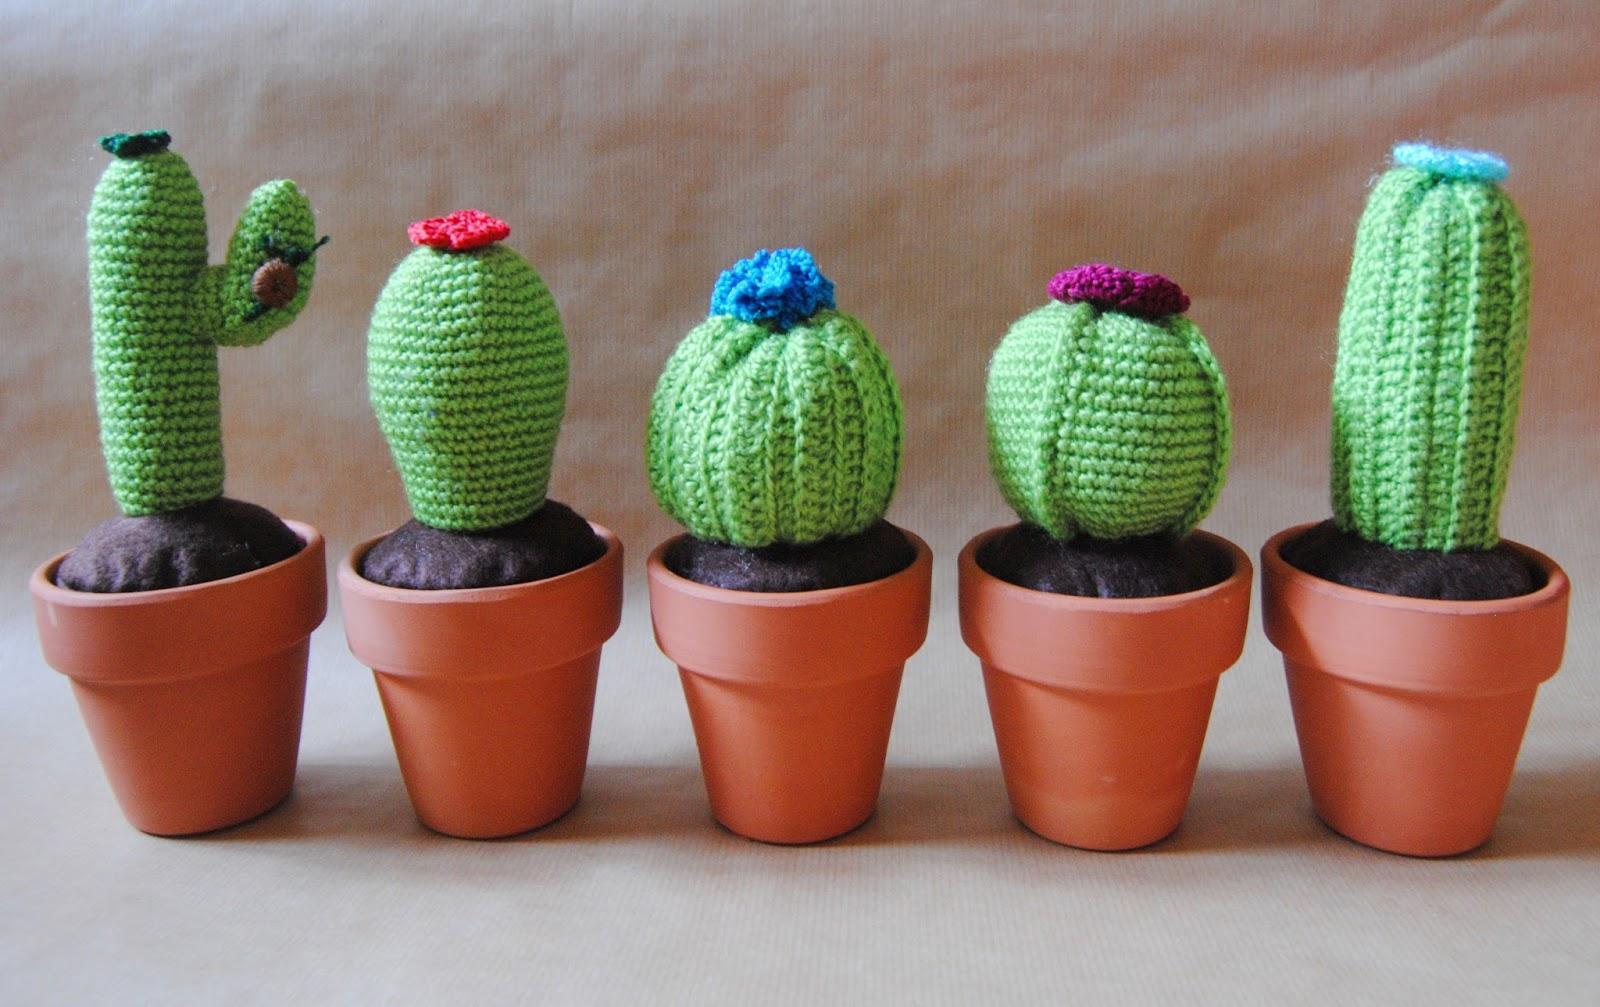 Amigurumi Cactus Tejido A Crochet Regalo Original : DIY: Cactus de ganchillo Handbox Craft Lovers ...